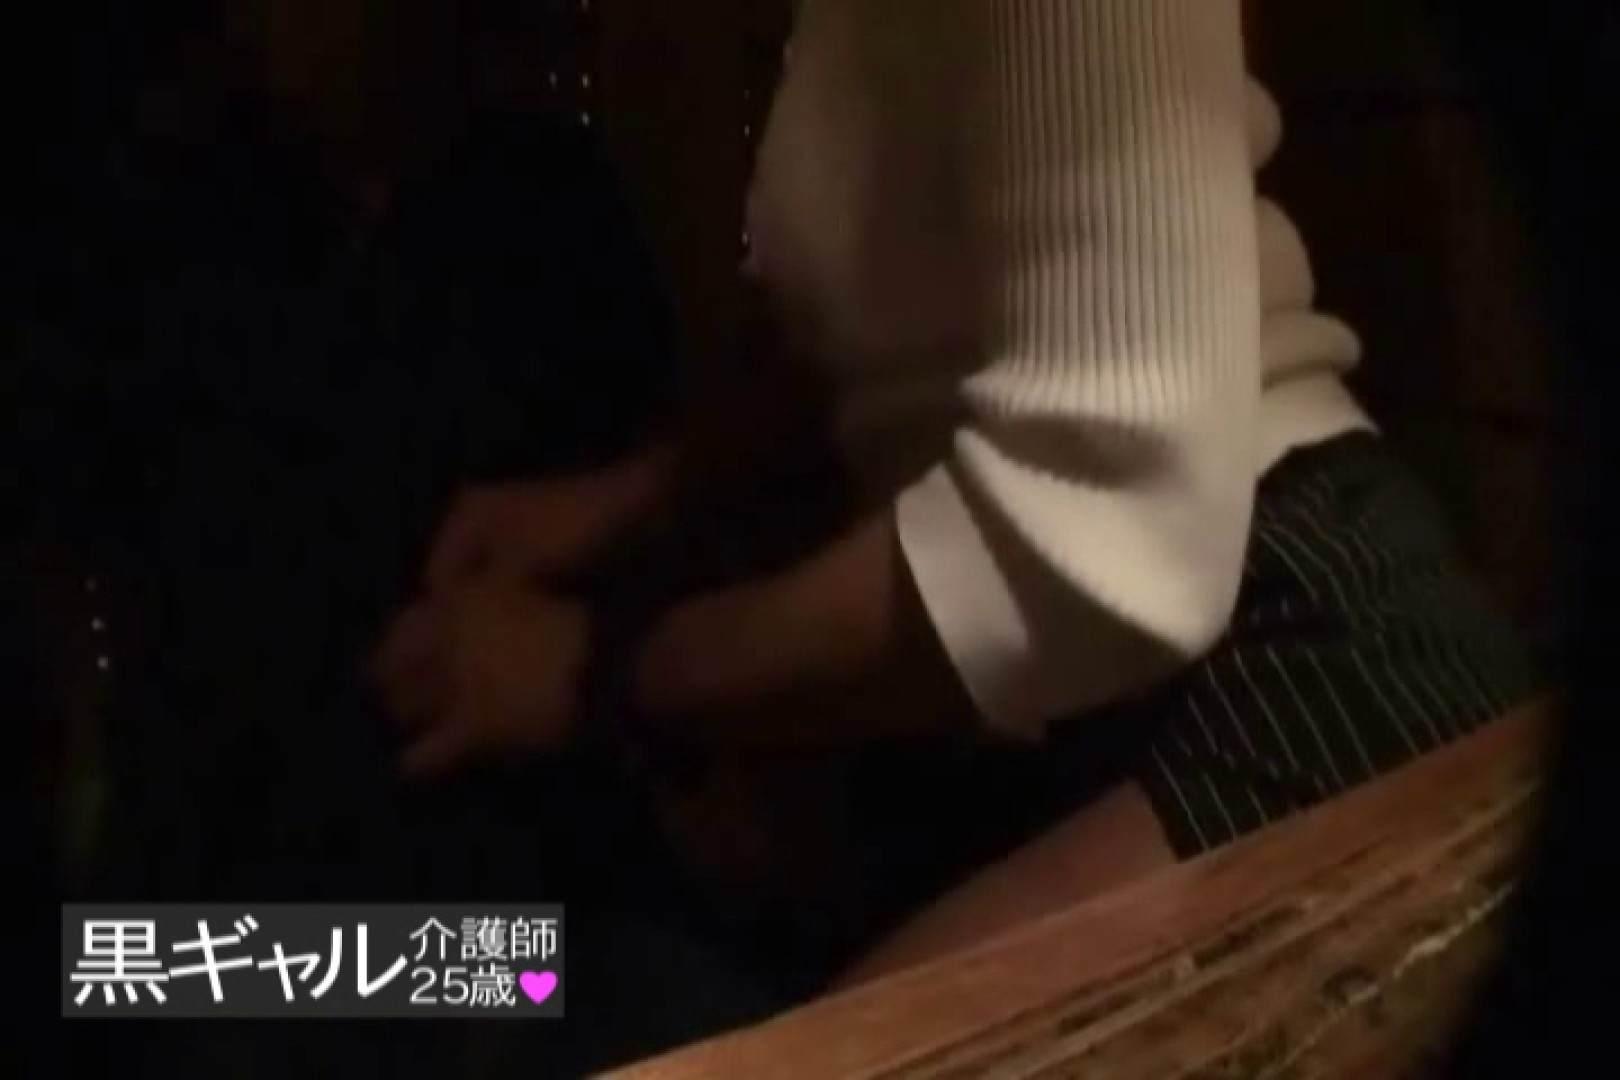 独占入手 従順M黒ギャル介護師25歳vol.3 卑猥  38連発 12